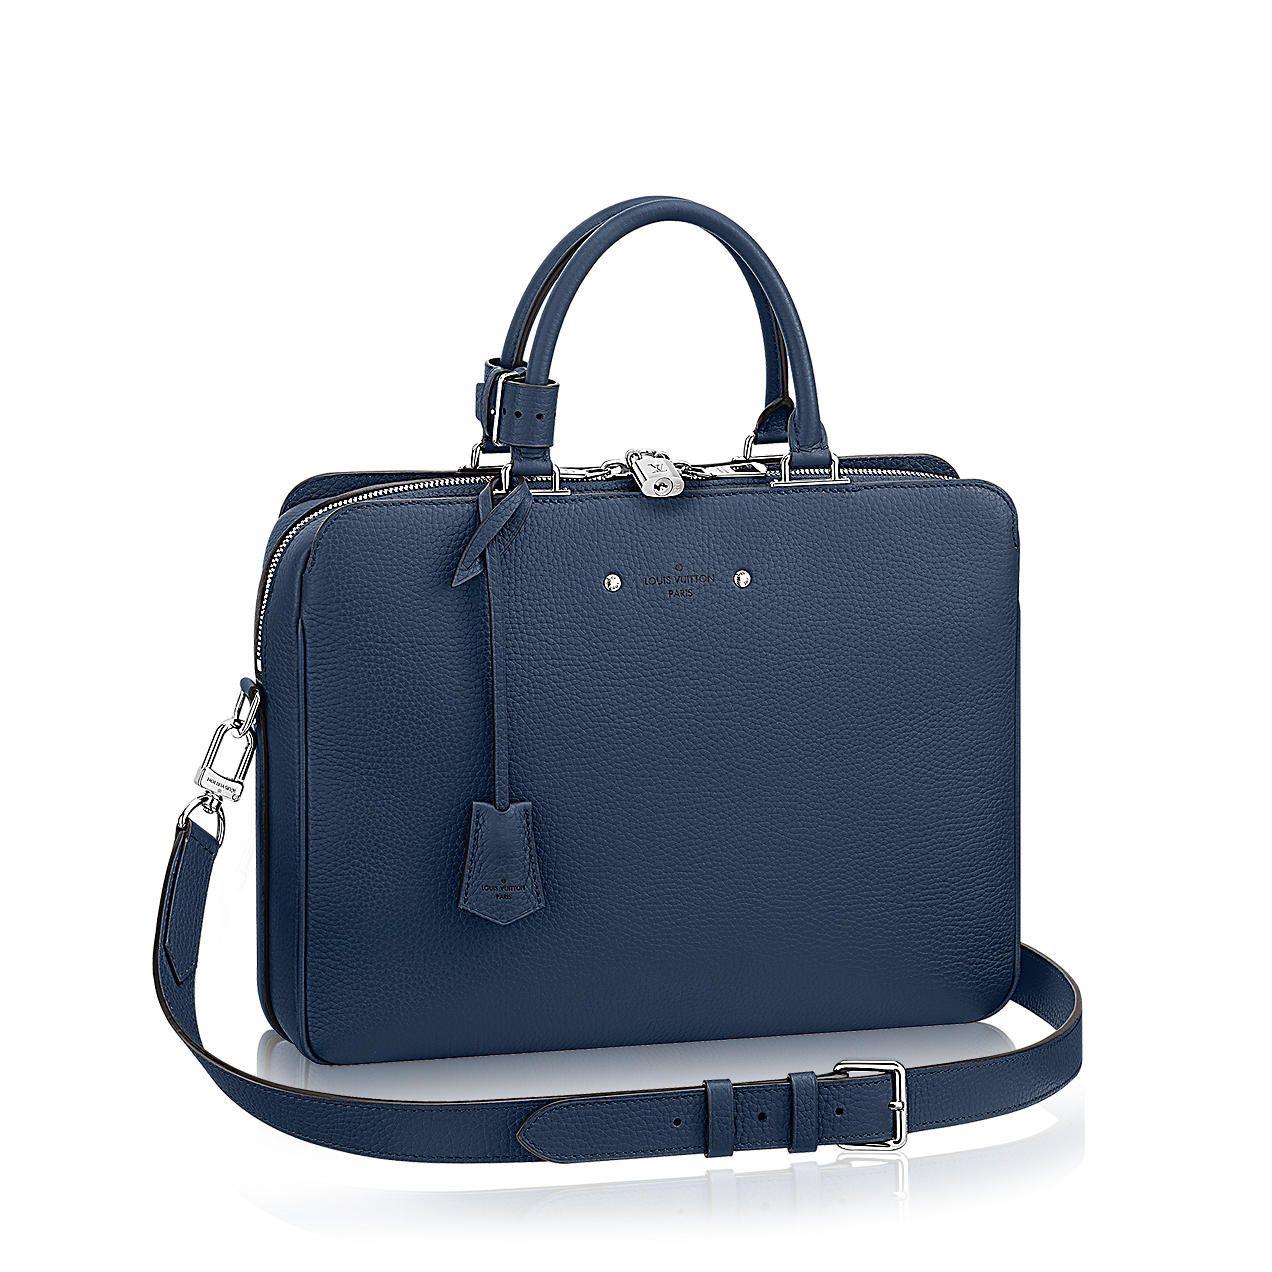 19df1d9d1e17 Armand Briefcase Taurillon Leather Men Men s Bags